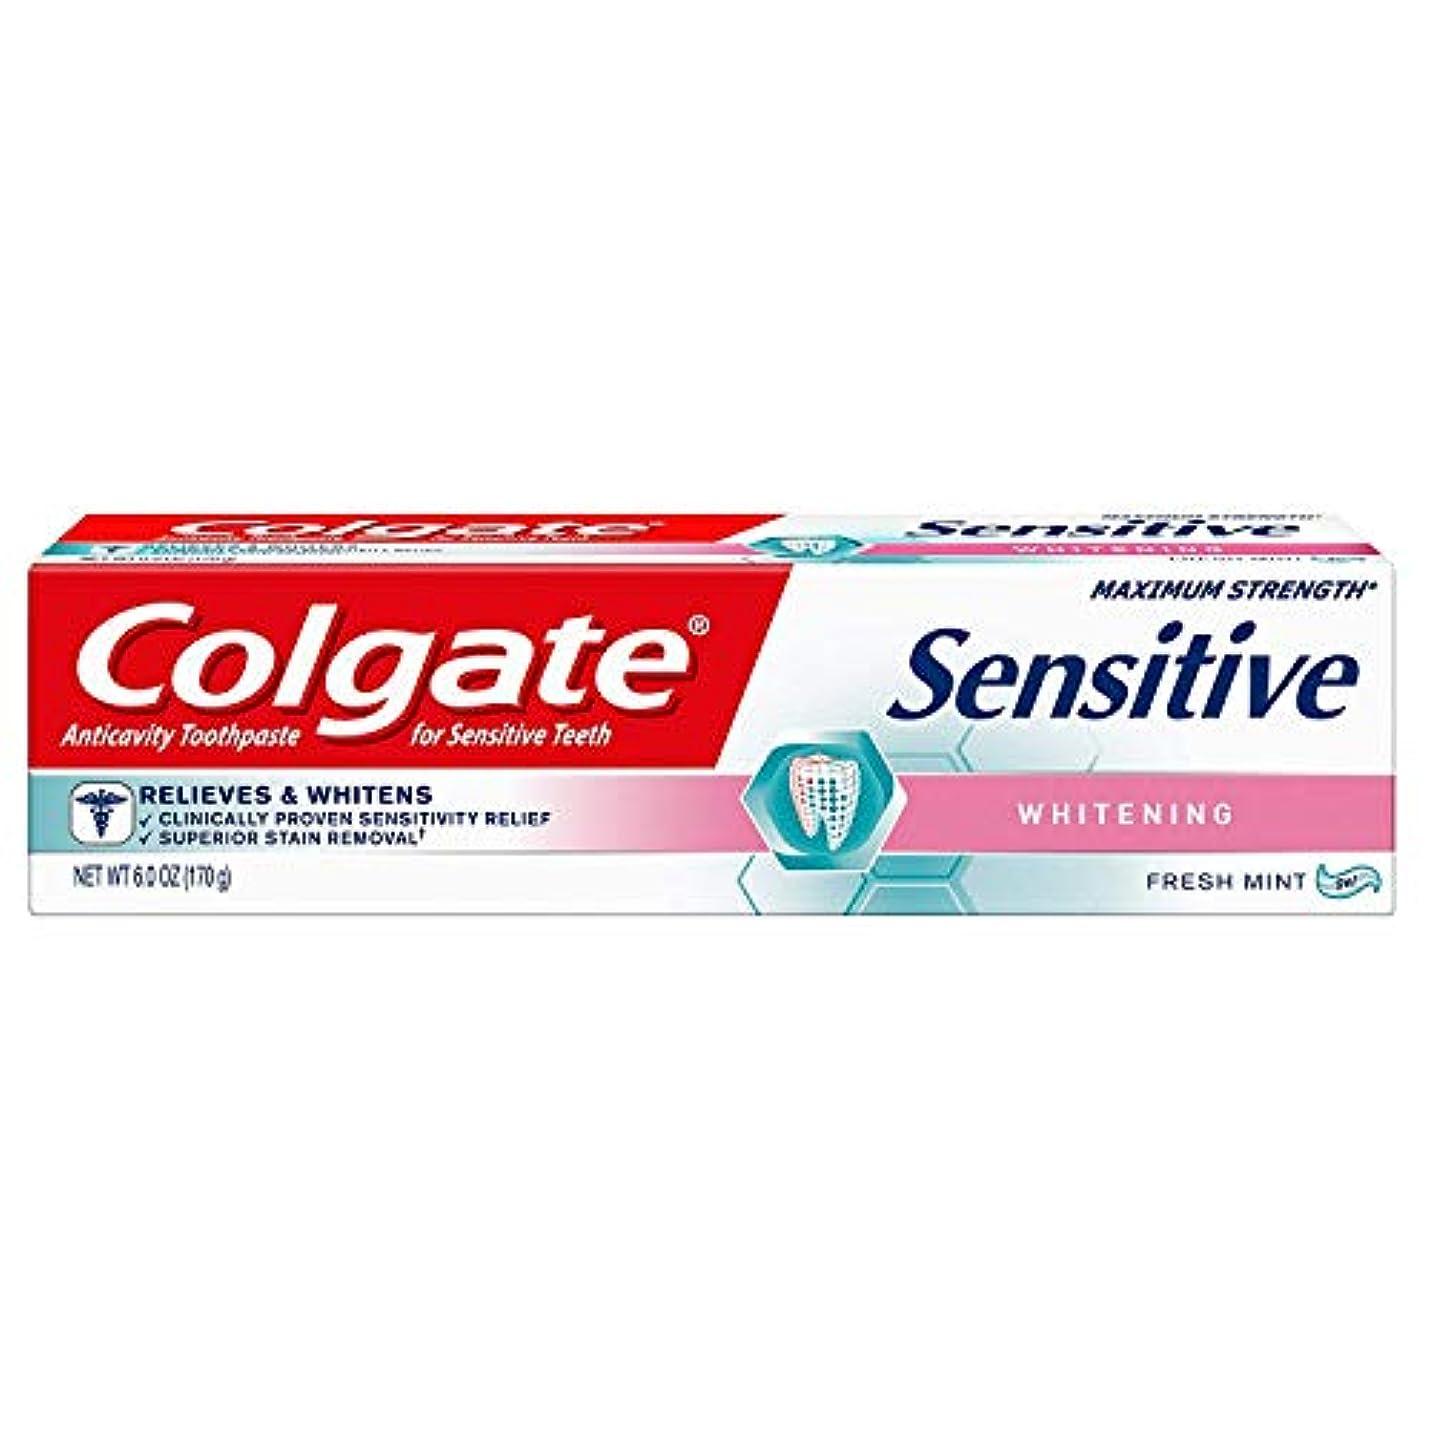 支配する単語パトロンColgate 敏感ホワイトニング最大強度の歯磨き粉フレッシュミント、フレッシュミント6オズ(3パック)